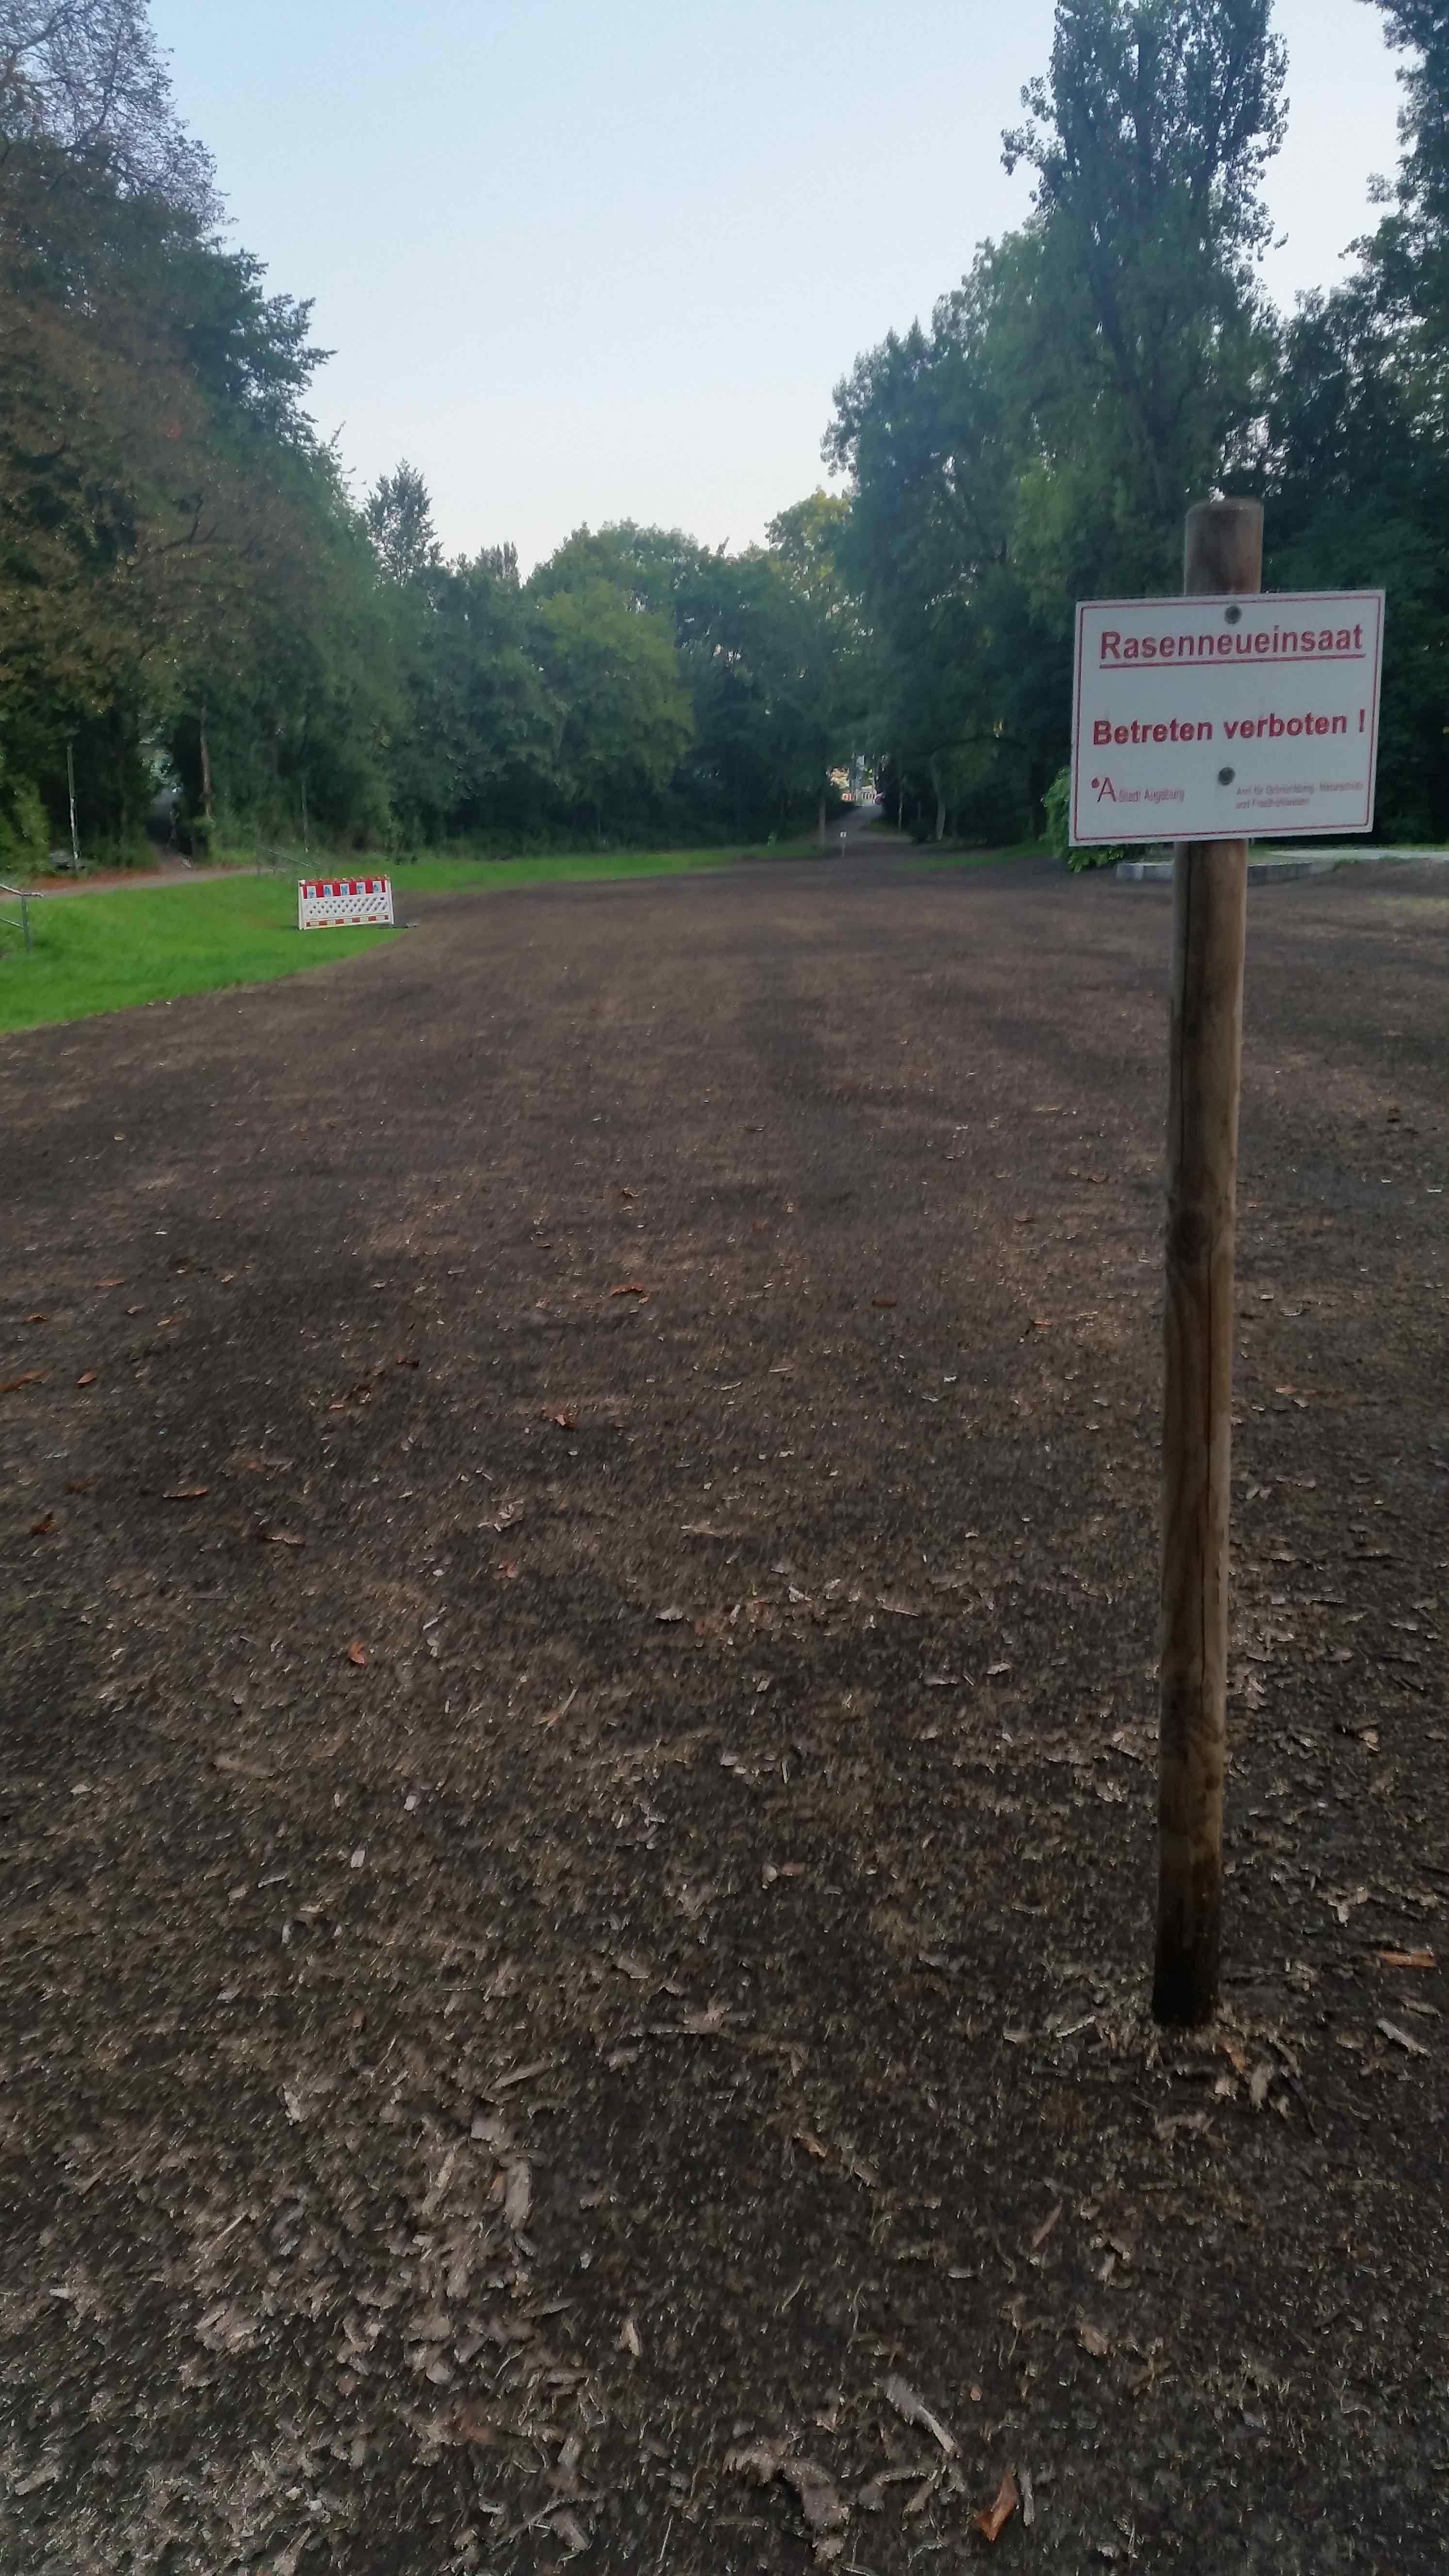 Temporäre Vernichtung eines Parks nach einem von der Stadt geförderten Festes